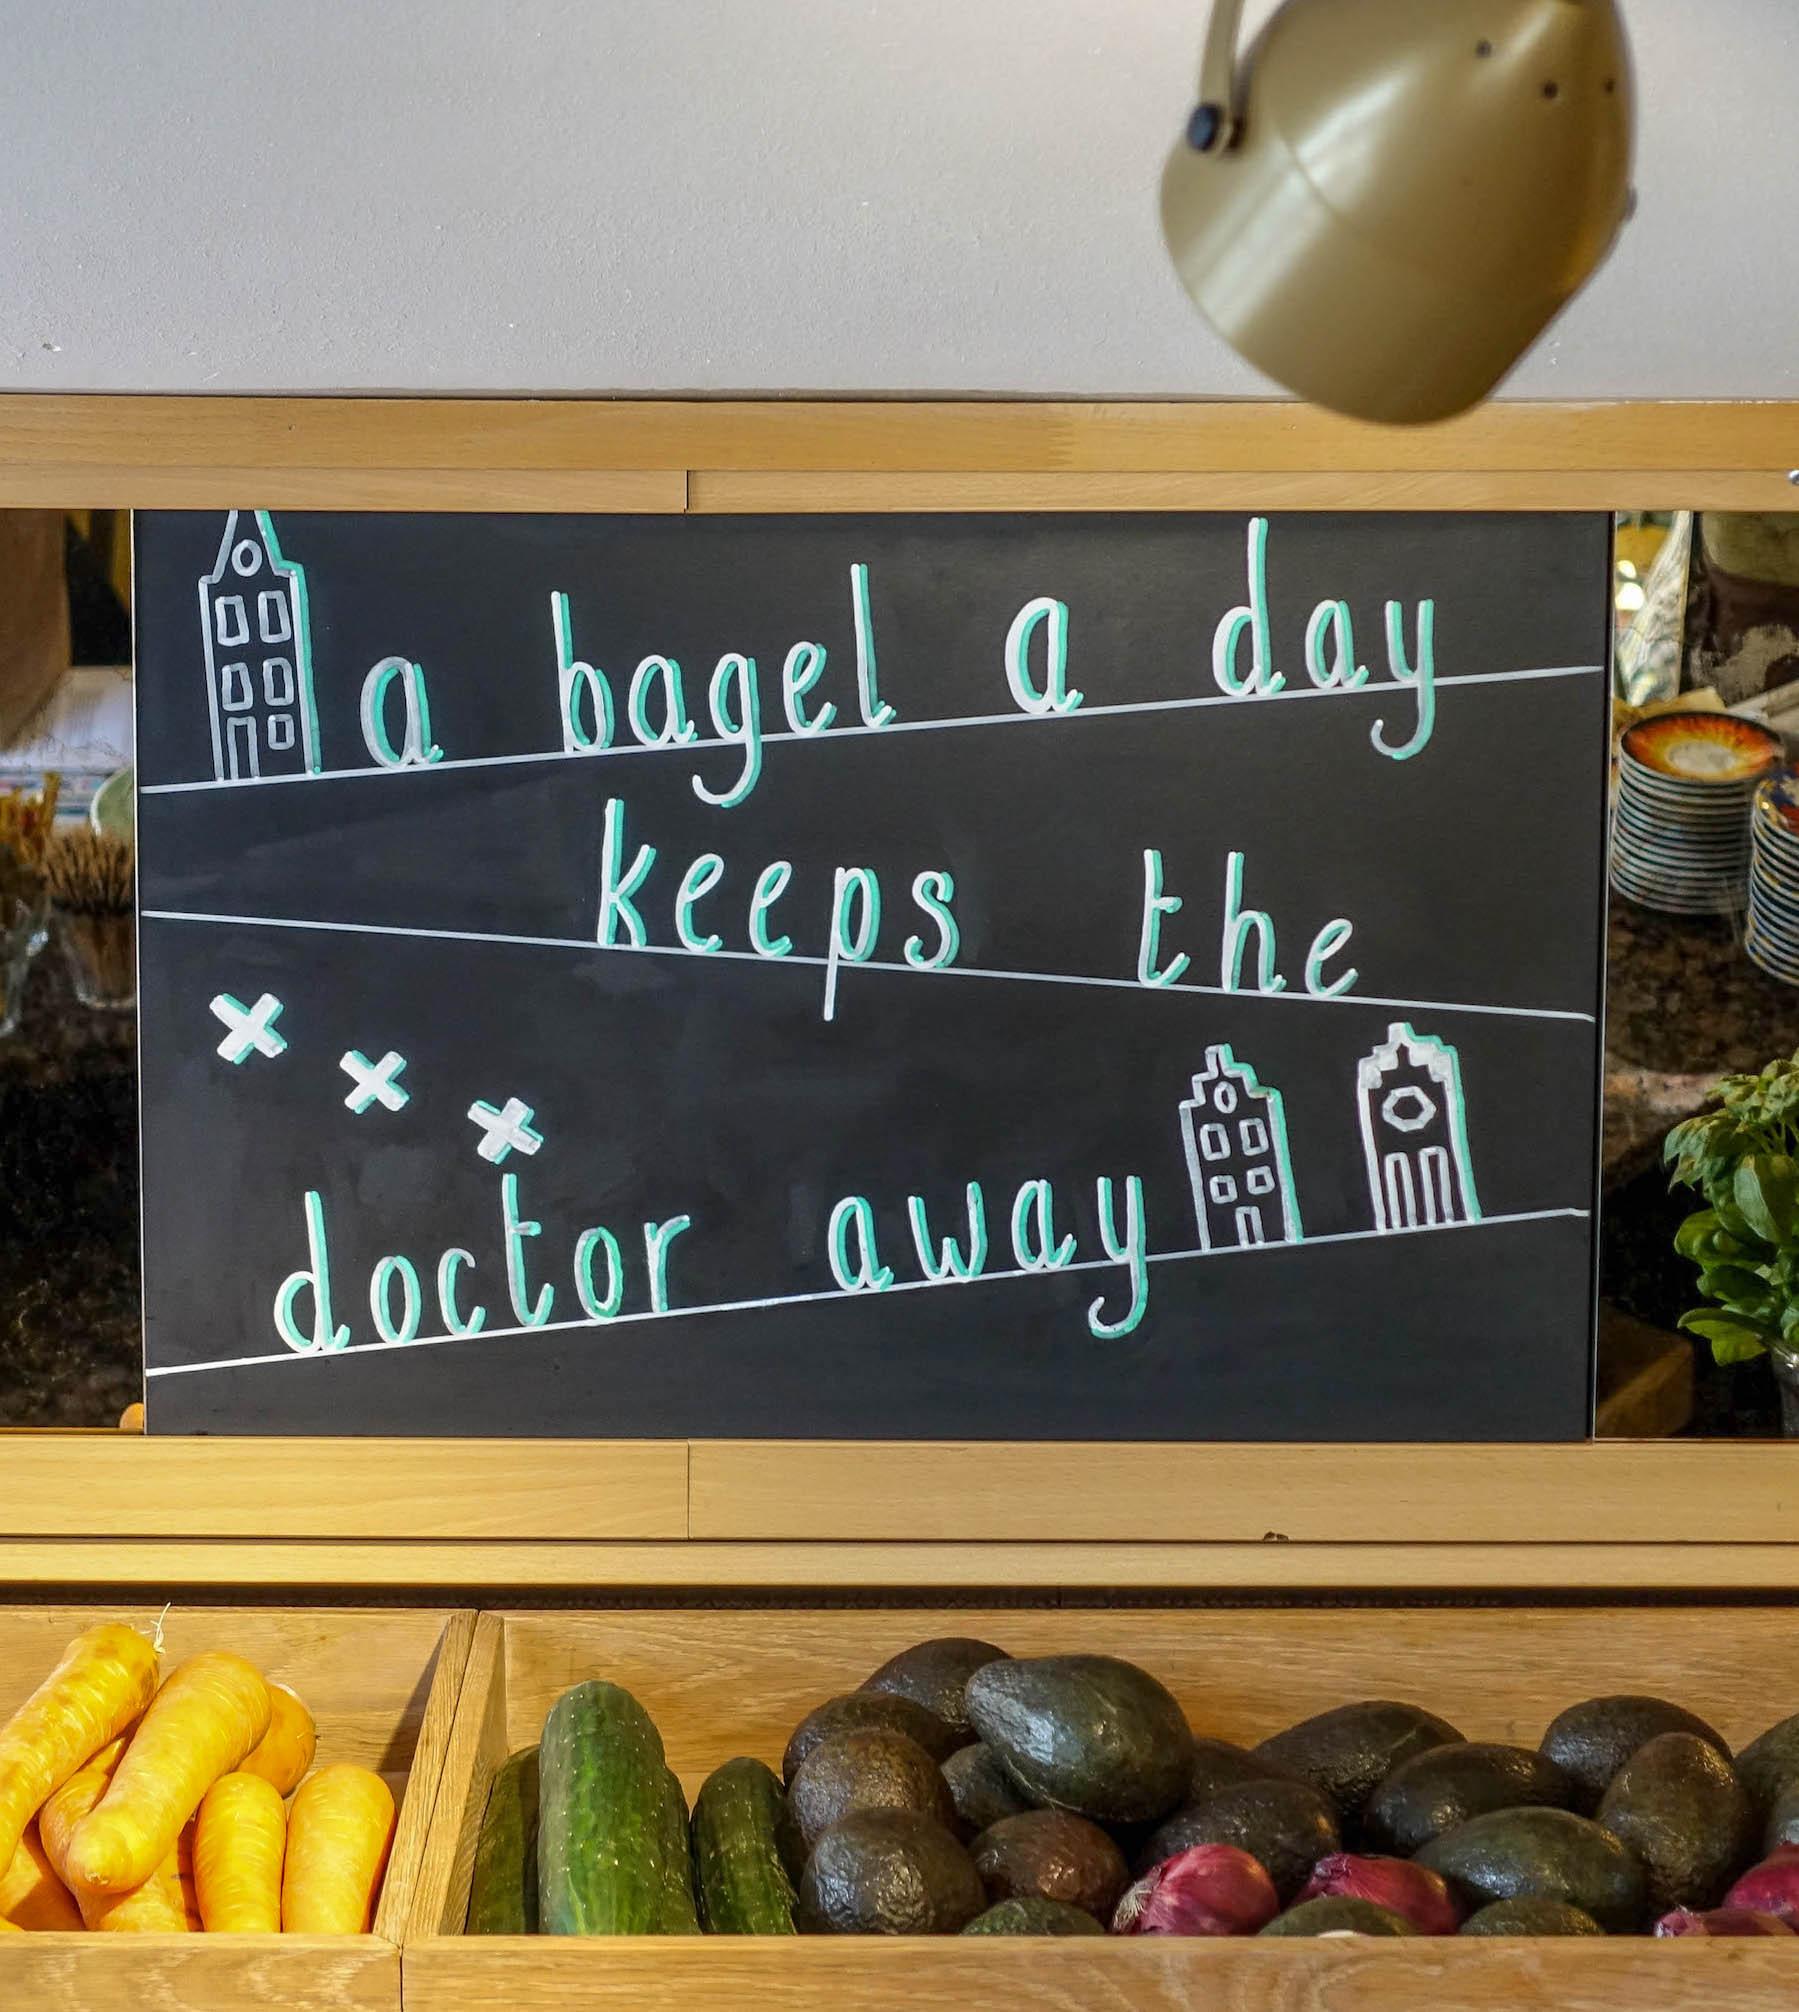 suelovesnyc_susan_fengler_amsterdam_glutenfrei_essen_nuthouse_zuidermarkt_amsterdam_bagels_and_beans